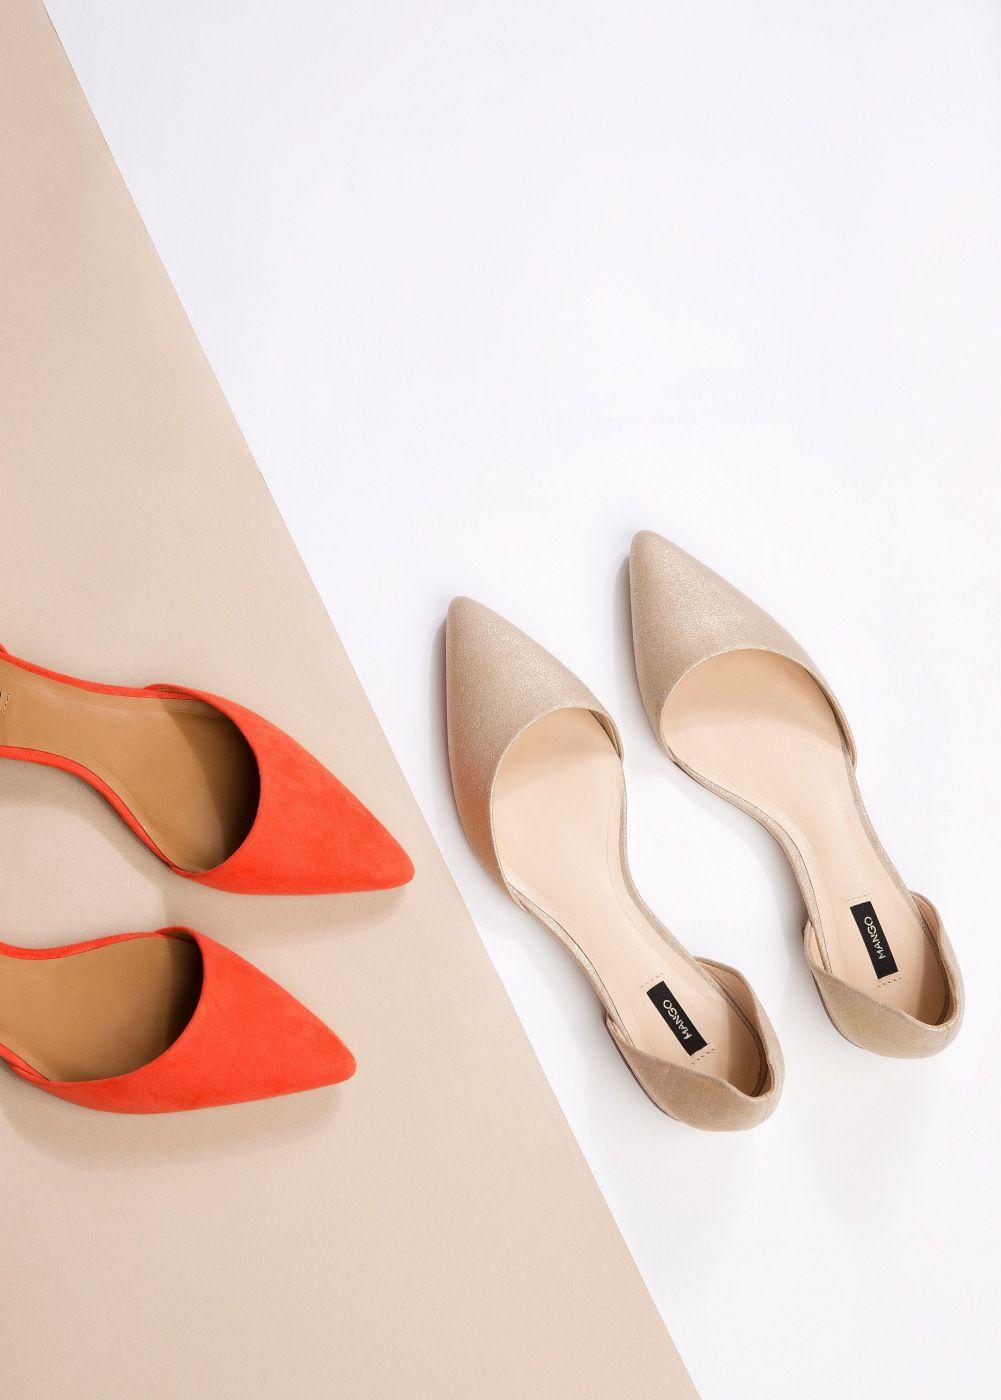 c3f5f86c8 Sapato raso ponta - Mulher | Shoes | Sapatos rasos, Sapatos, Sapatos ...